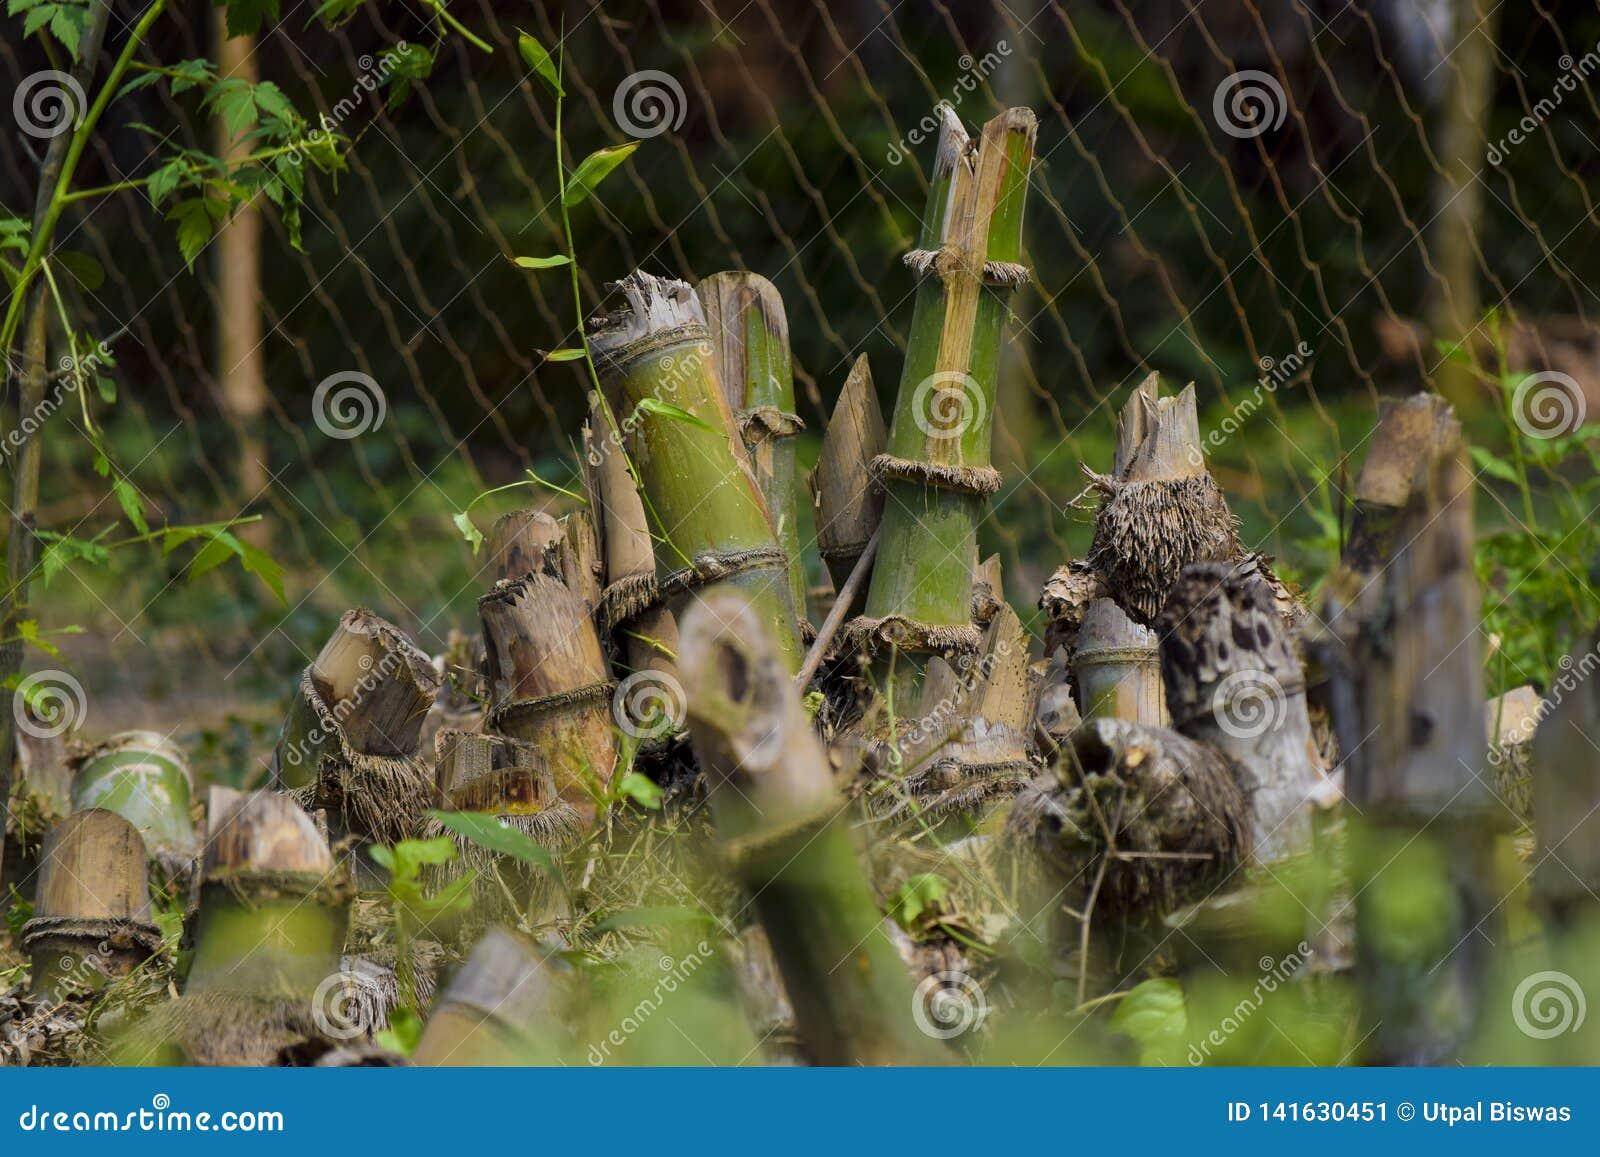 Cortando el árbol de bambú al grupo de bambú